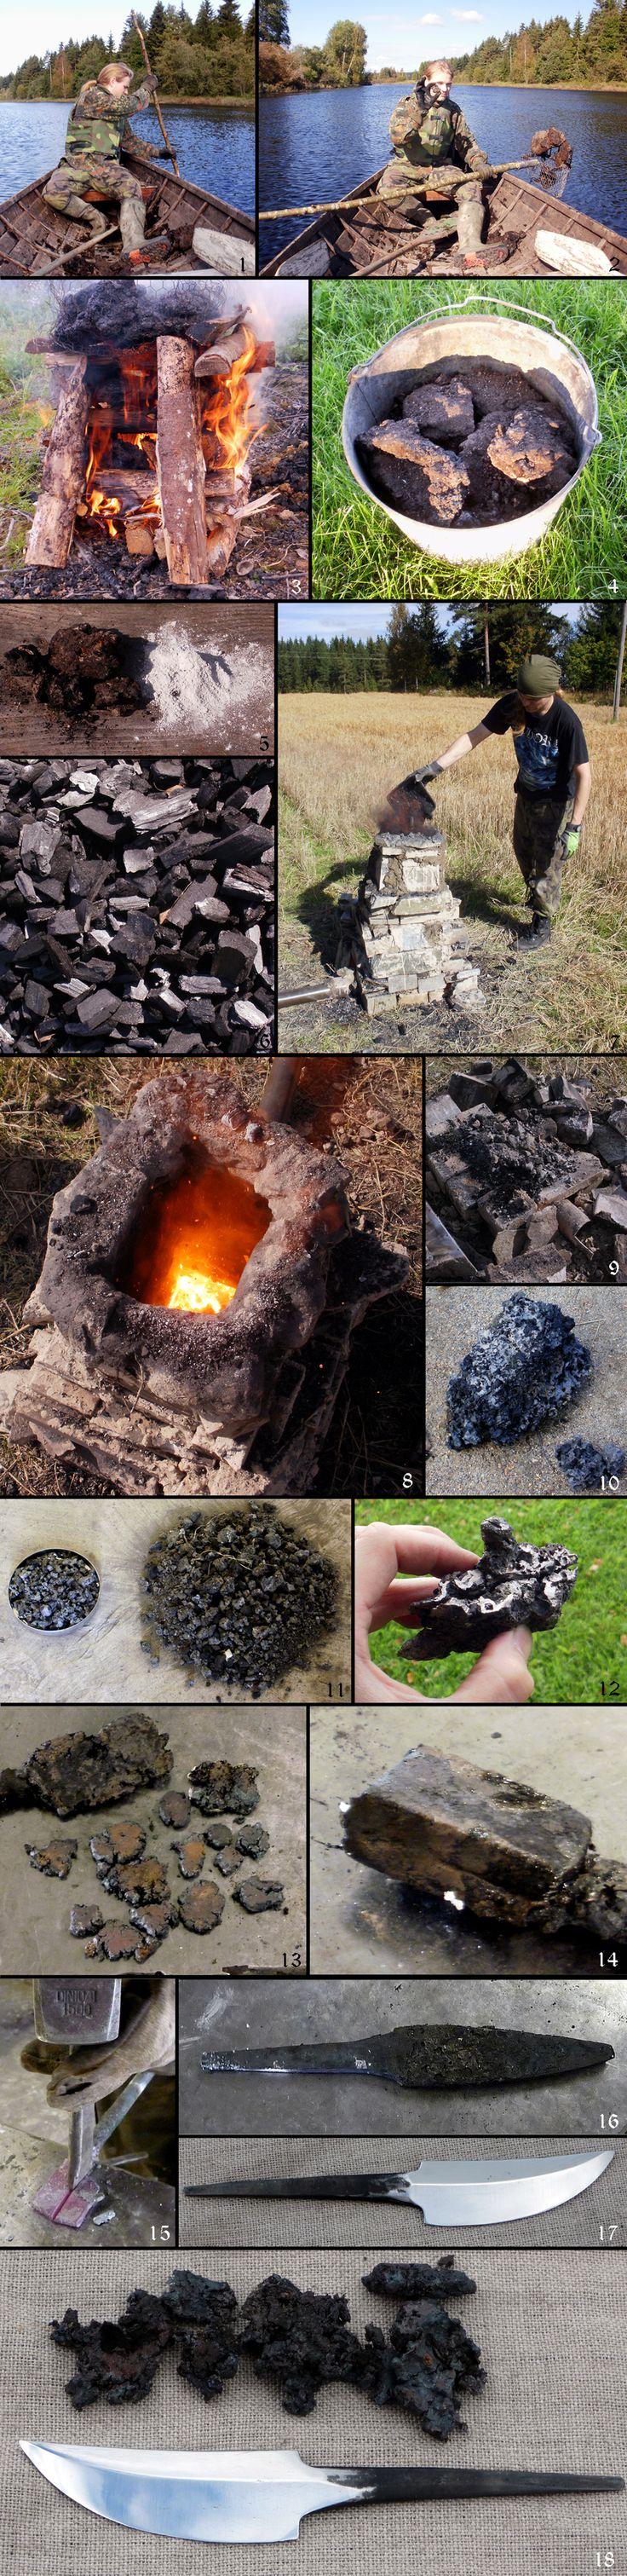 538 best blacksmithing images on pinterest blacksmithing